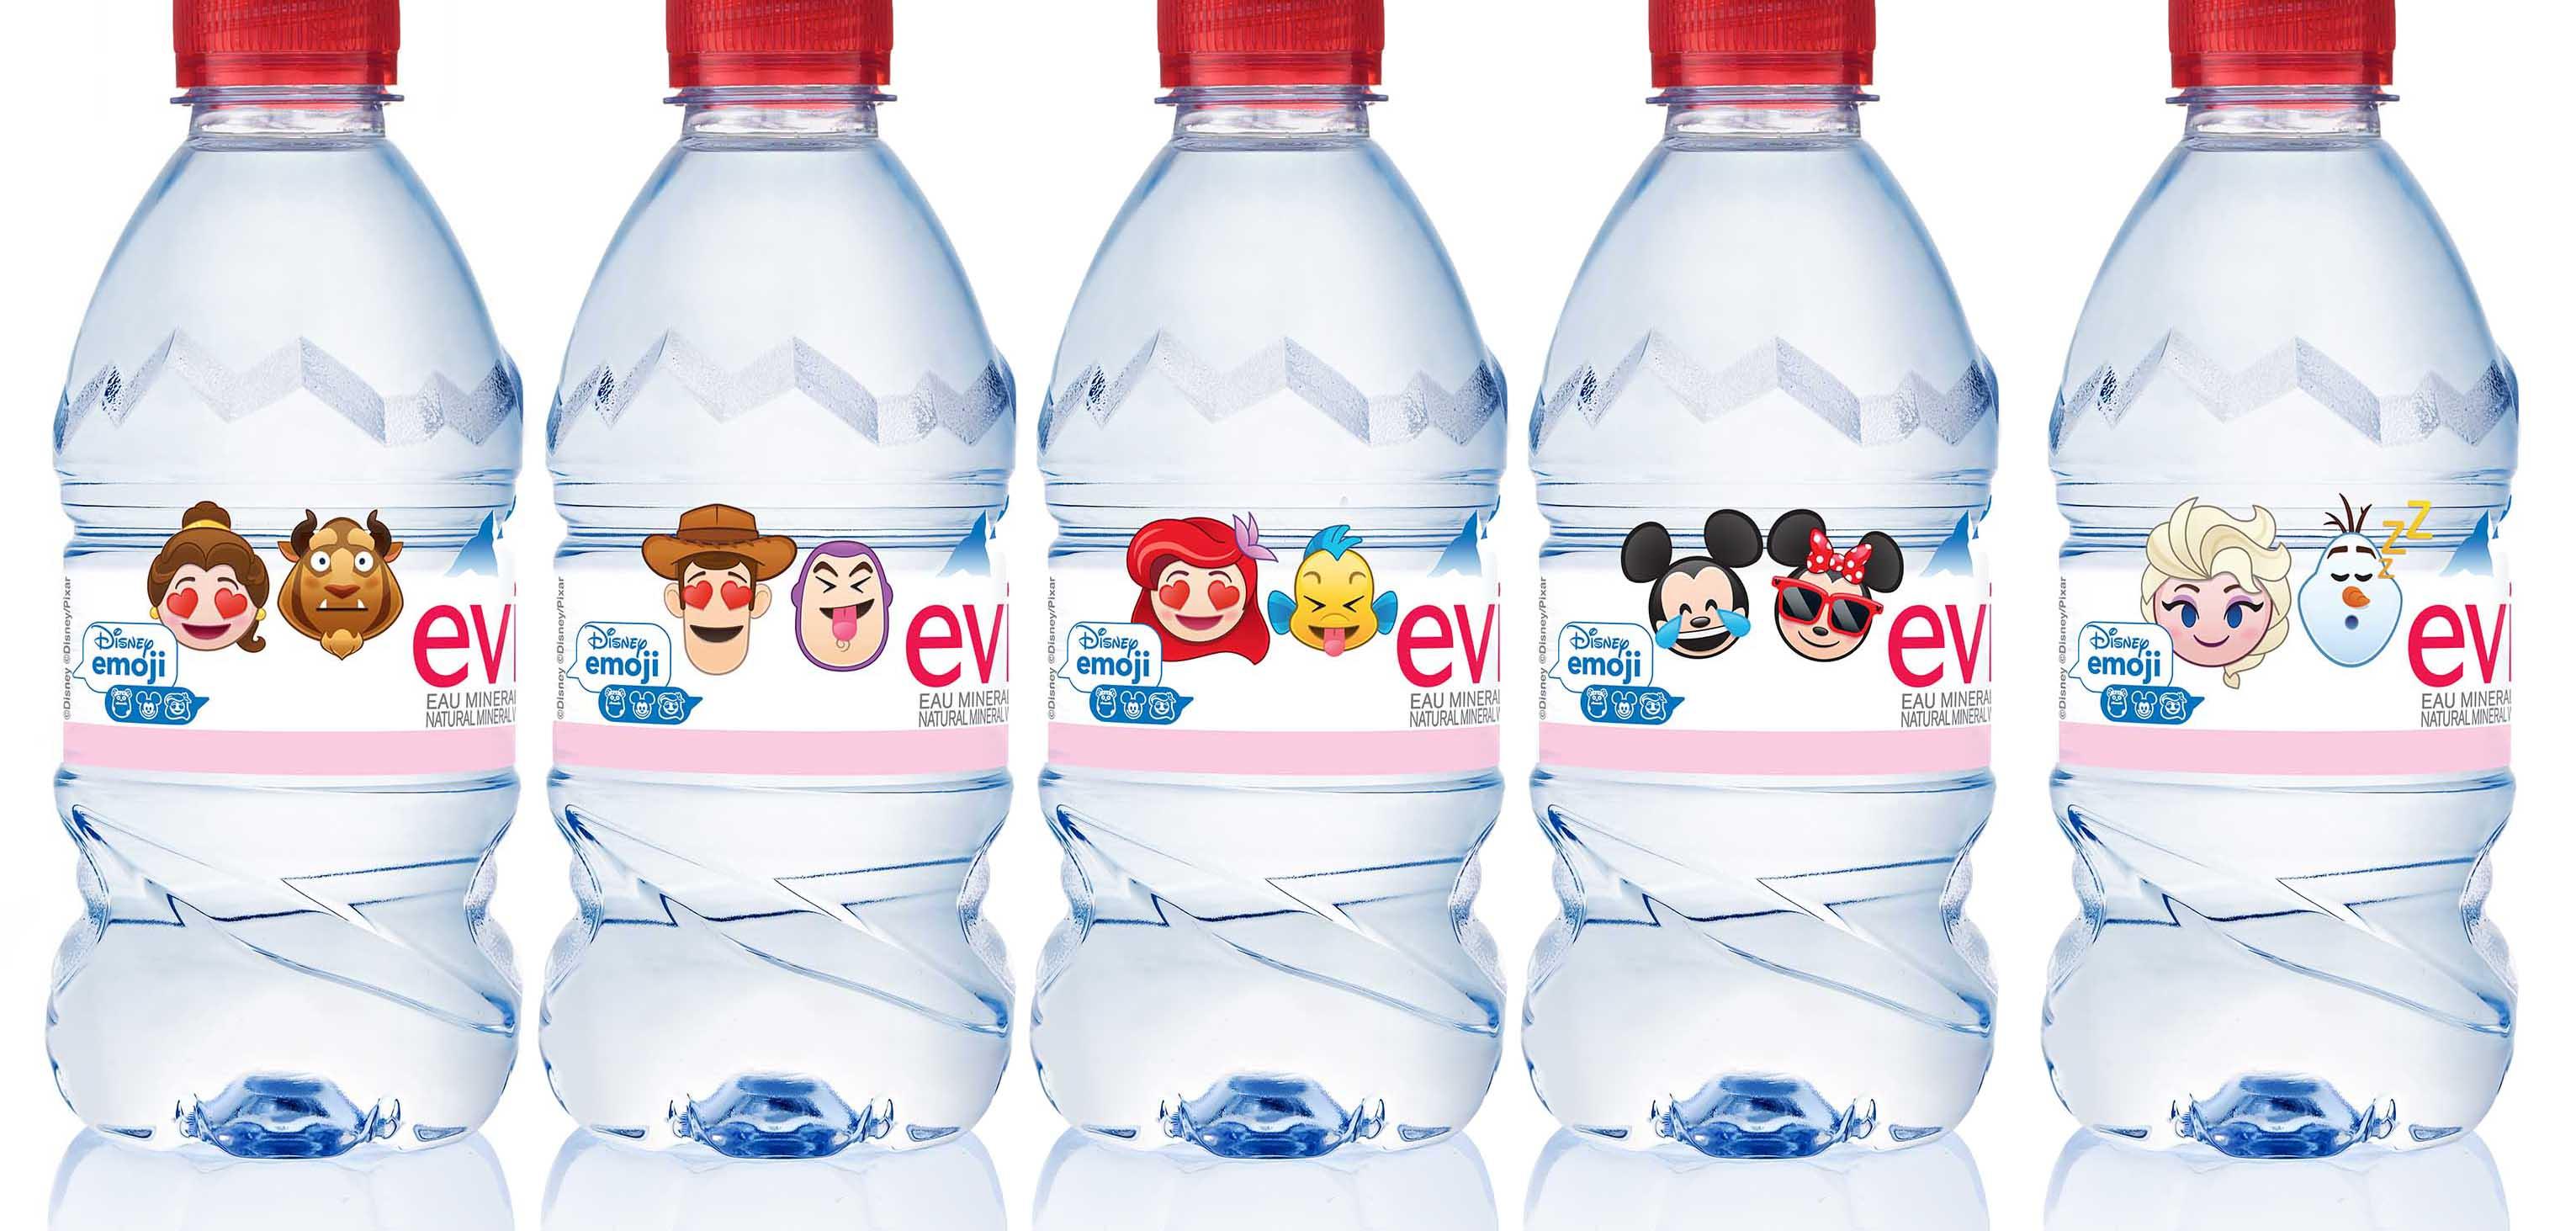 迪士尼 Emoji 礦泉水系列 一套 6 款限量 Q 版樽裝必儲